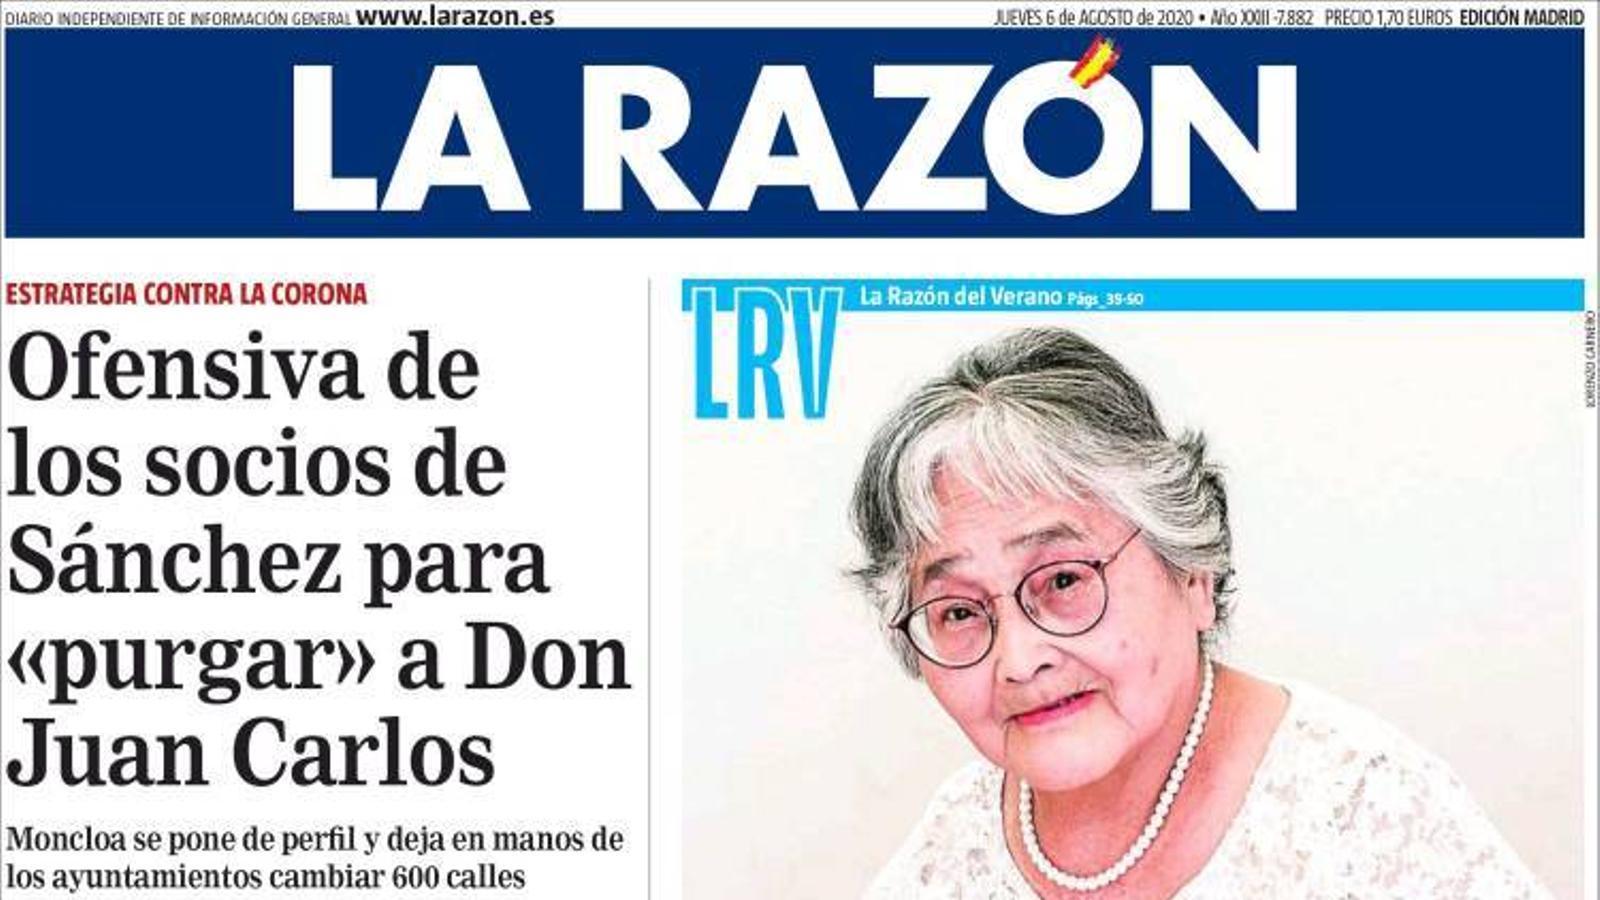 La portada de 'La Razón' del dijous 6 d'agost